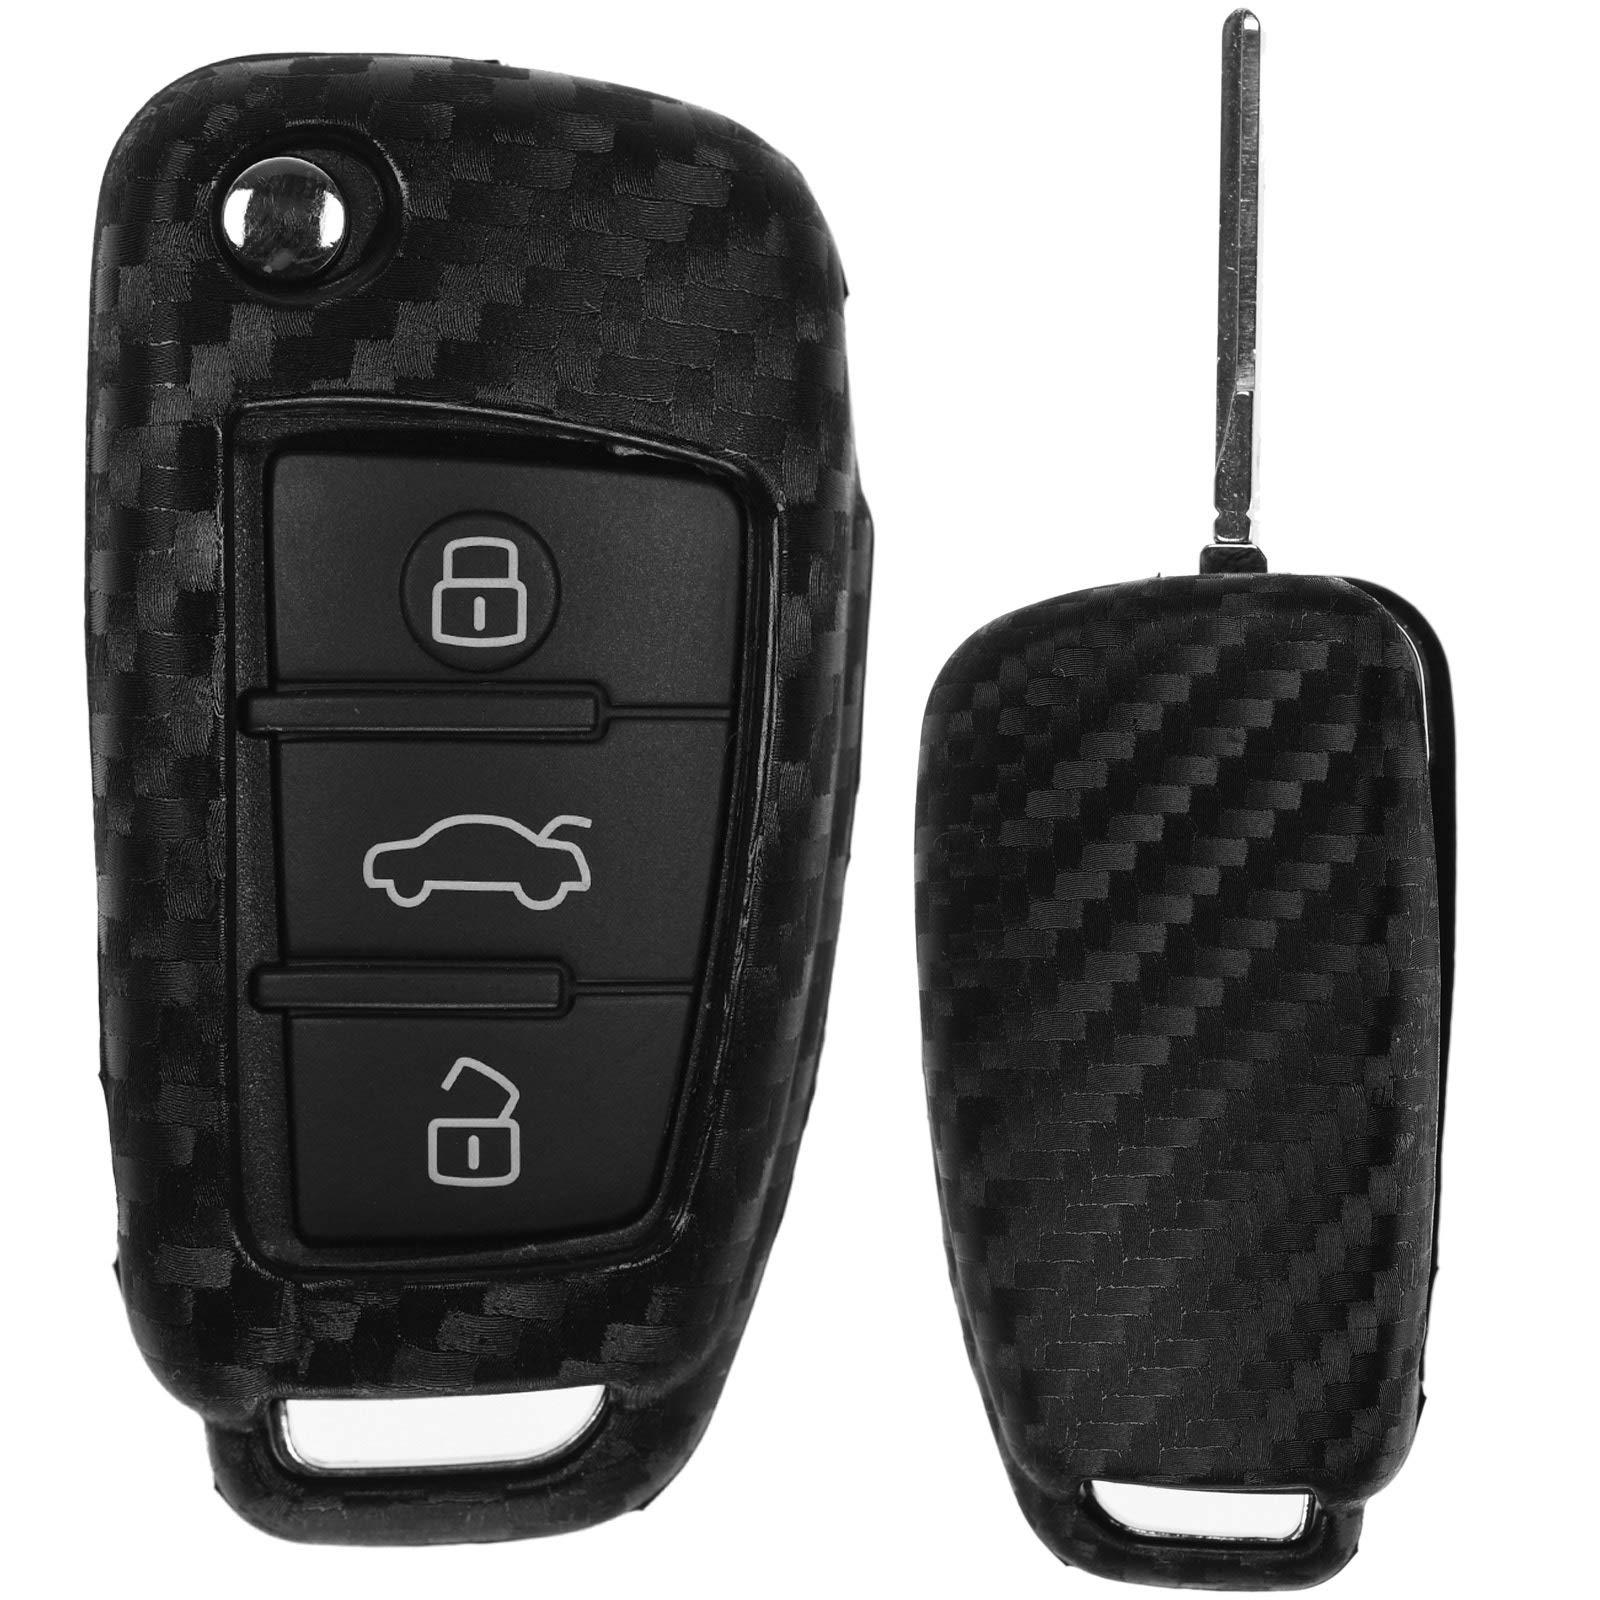 Estuche Blando de Carbono con Cubierta Protectora para automóvil, Llave Plegable Compatible con Audi A1 8X A3 8V A4 B7 A6 C6 TT 8J Q3 8U Q7 4L: Amazon.es: Electrónica